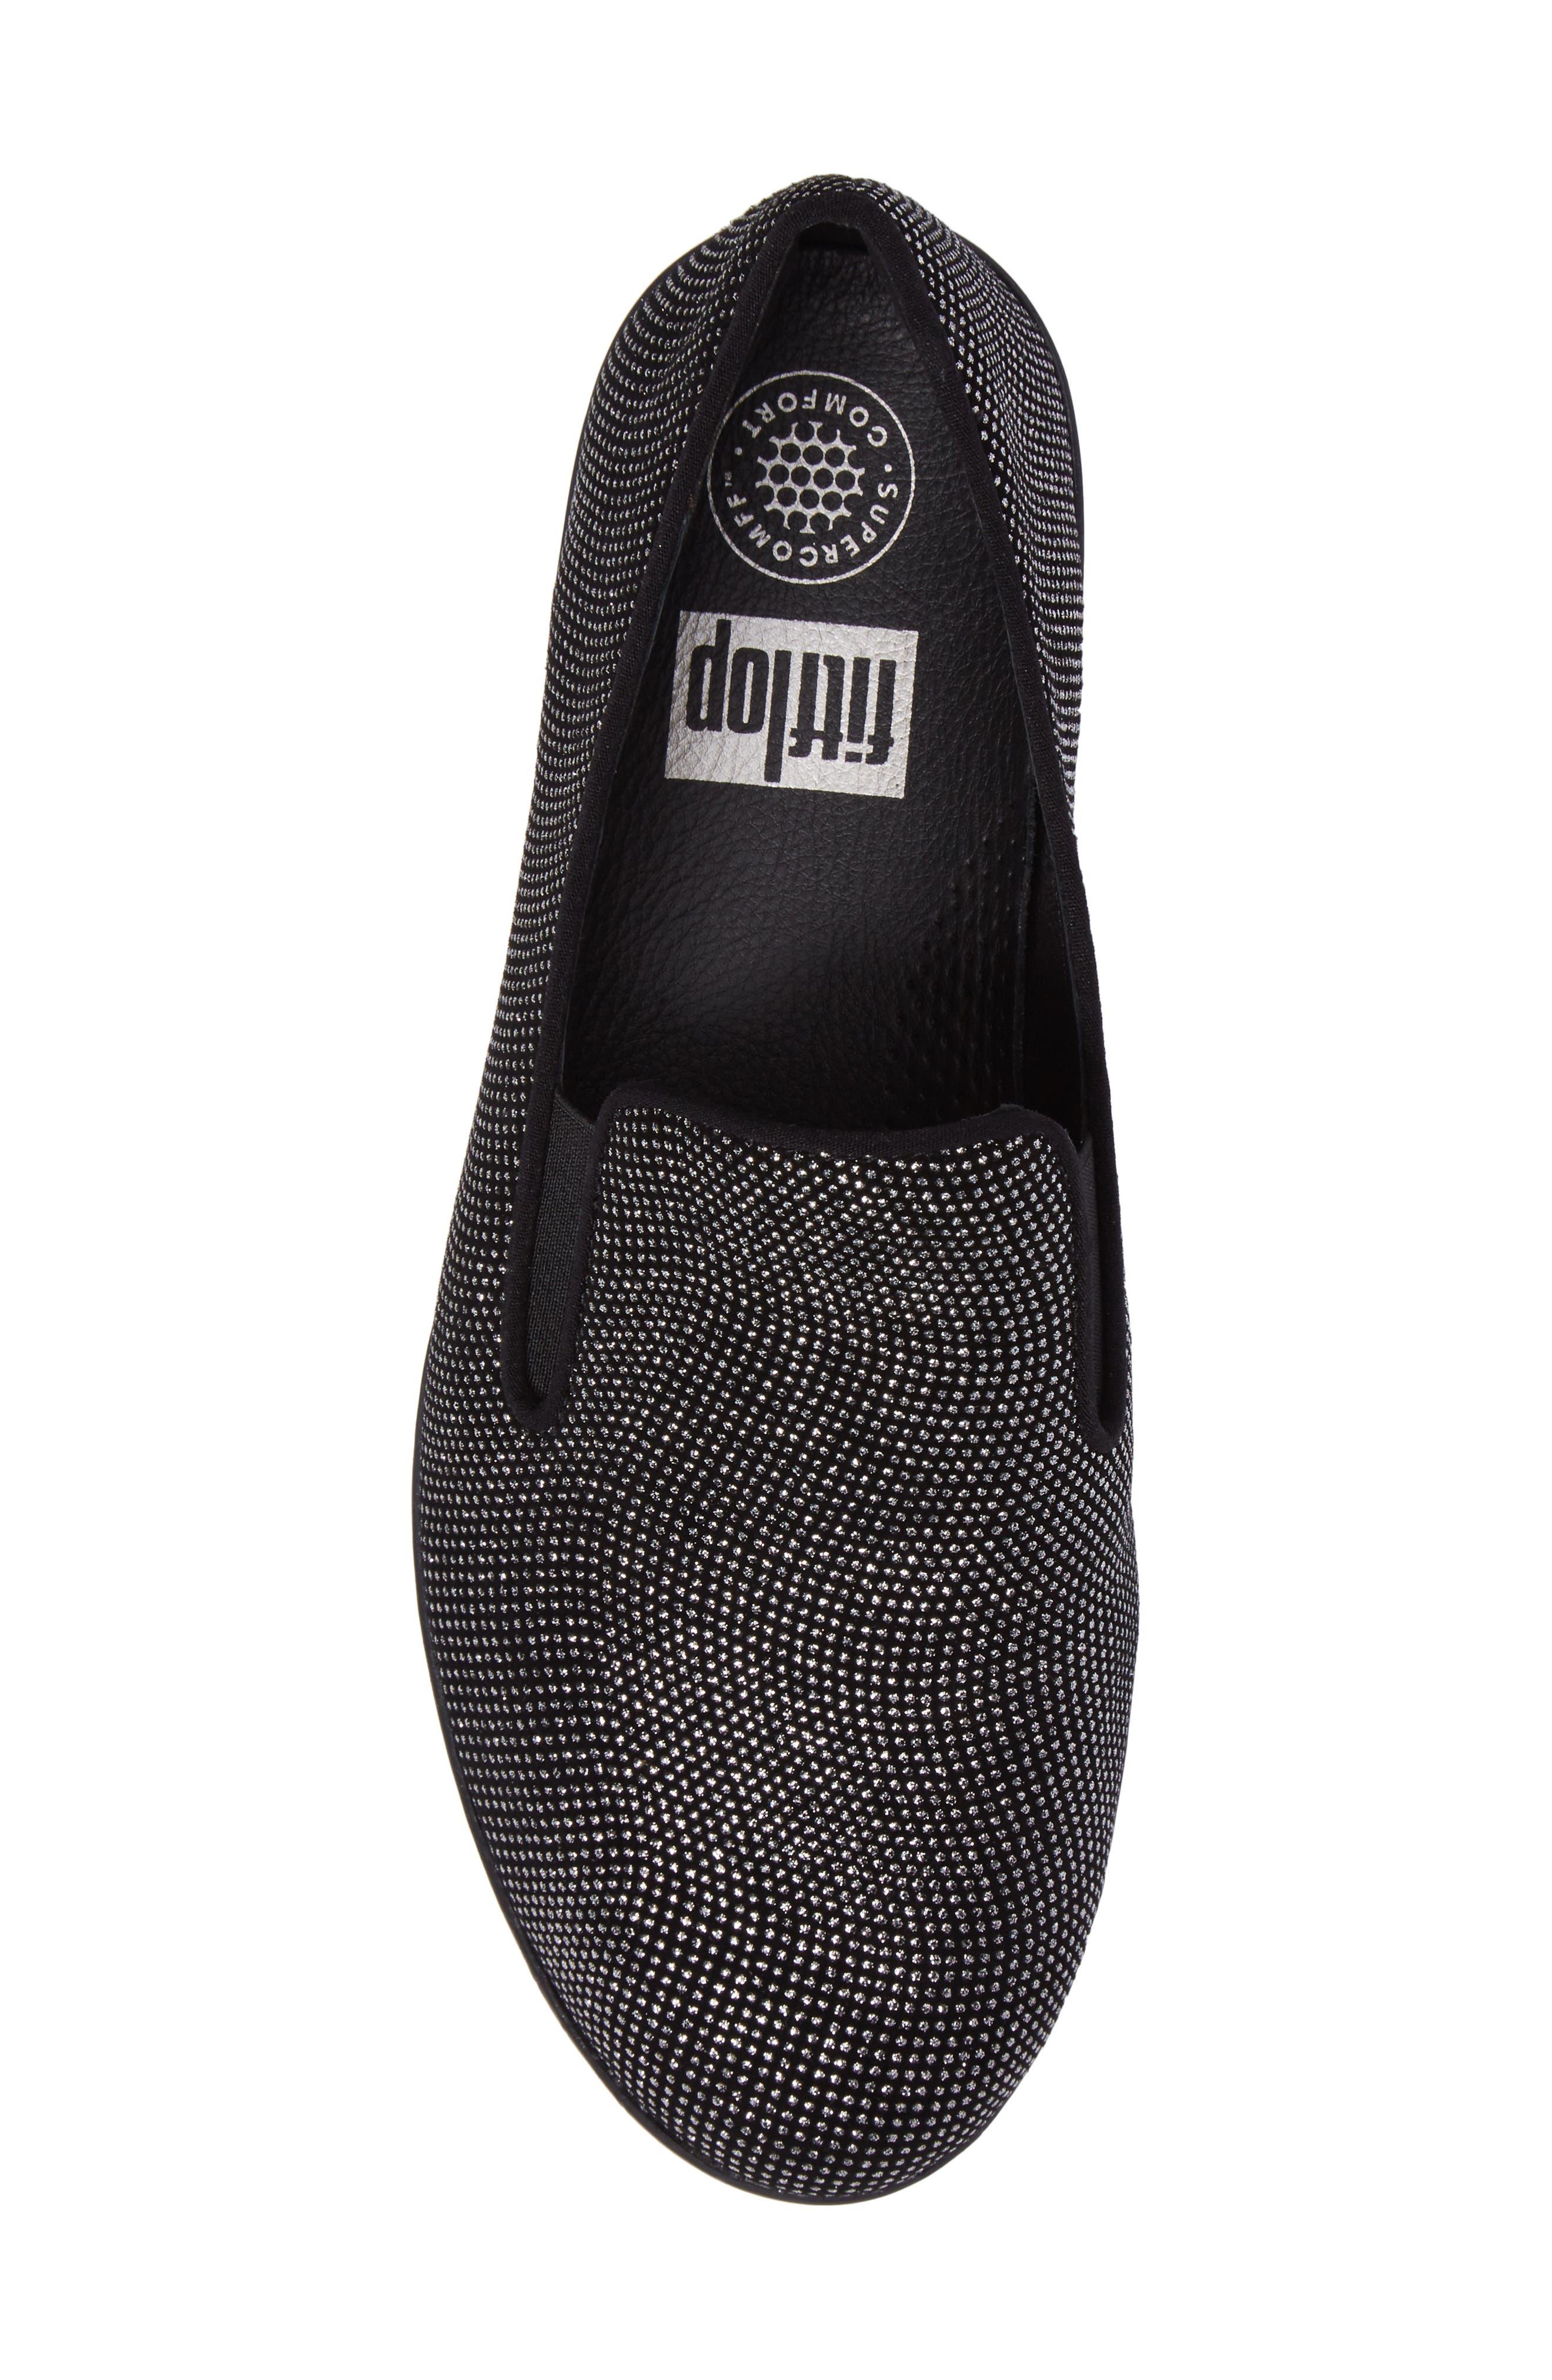 Superskate Glitter Dot Slip-On Sneaker,                             Alternate thumbnail 5, color,                             001